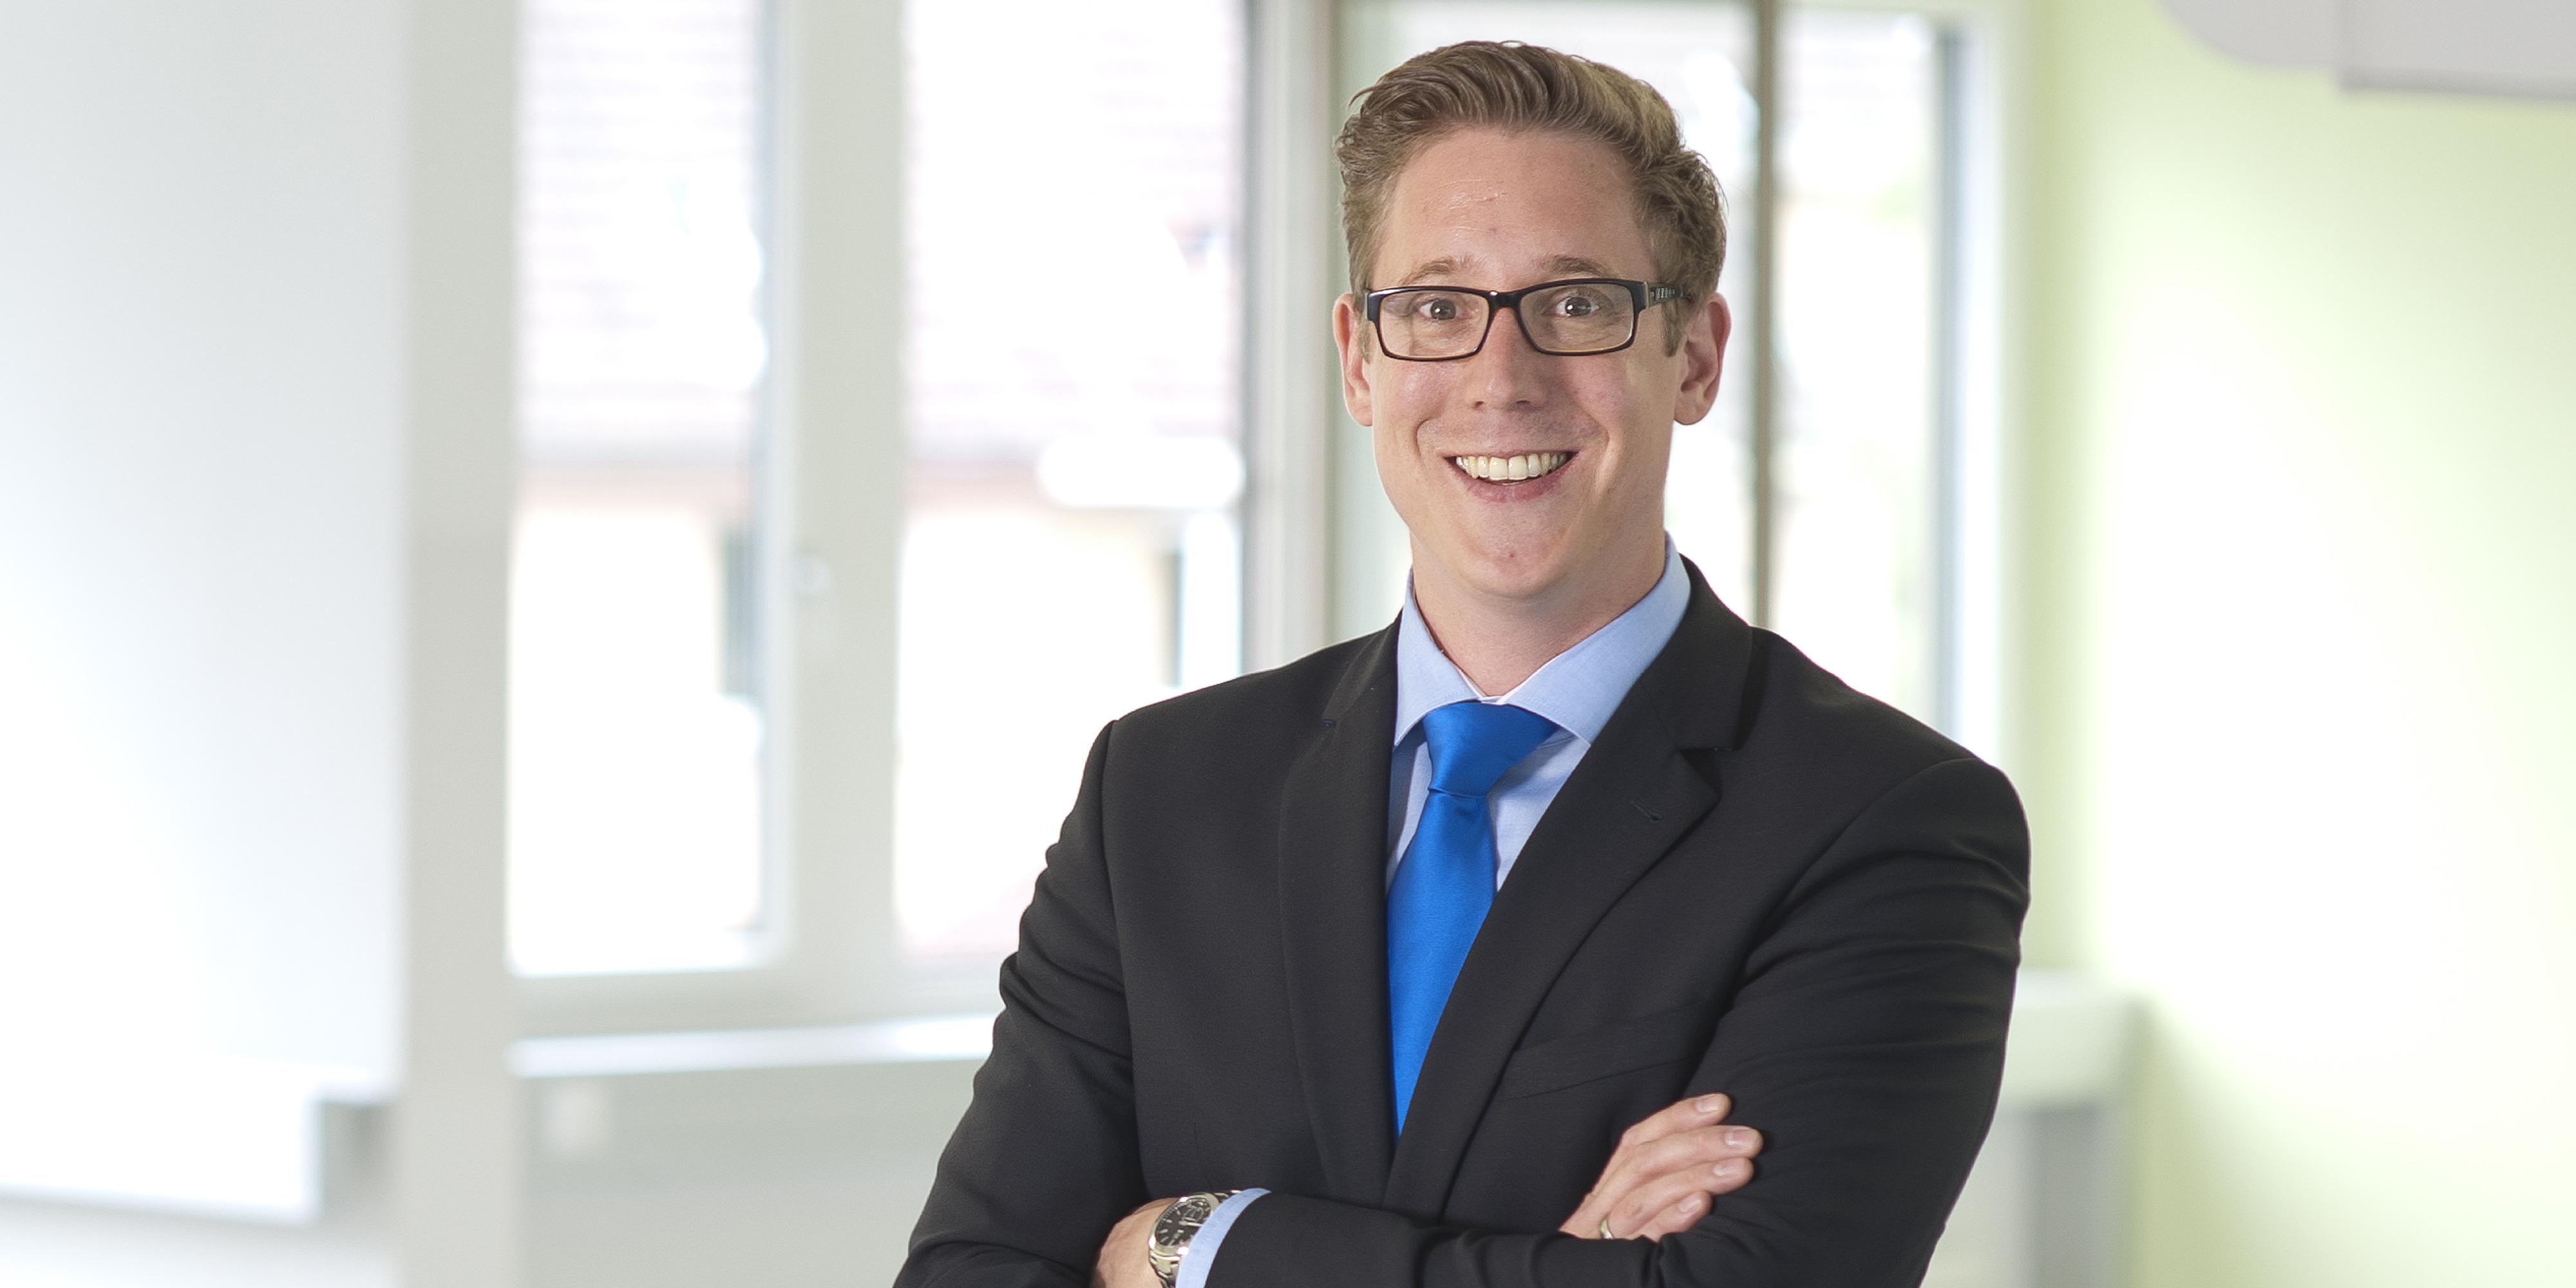 Geschäftsführer Vertec GmbH Tobias Wielki